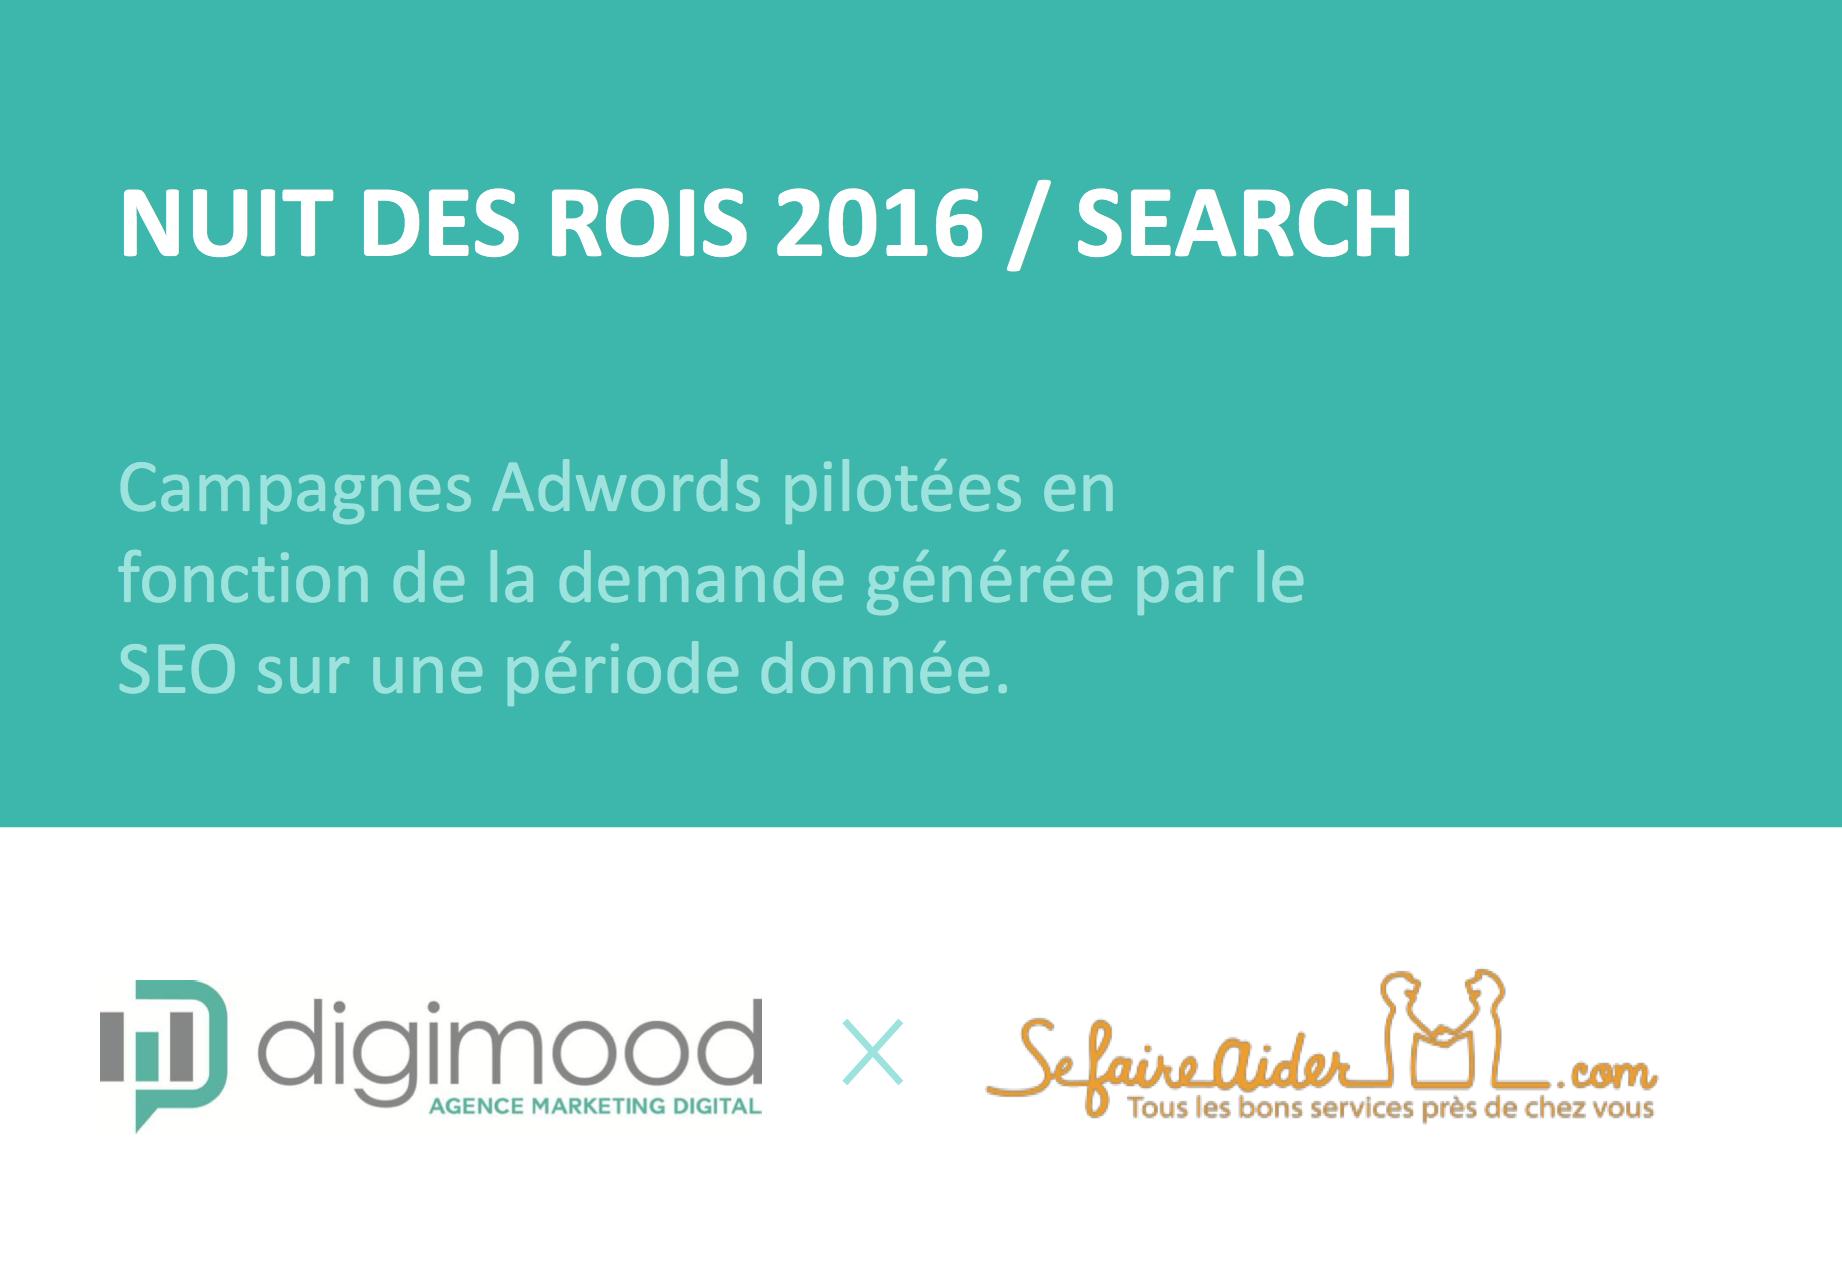 La nuit des Rois, catégorie search. Cas Sefaireaider.com by Digimood